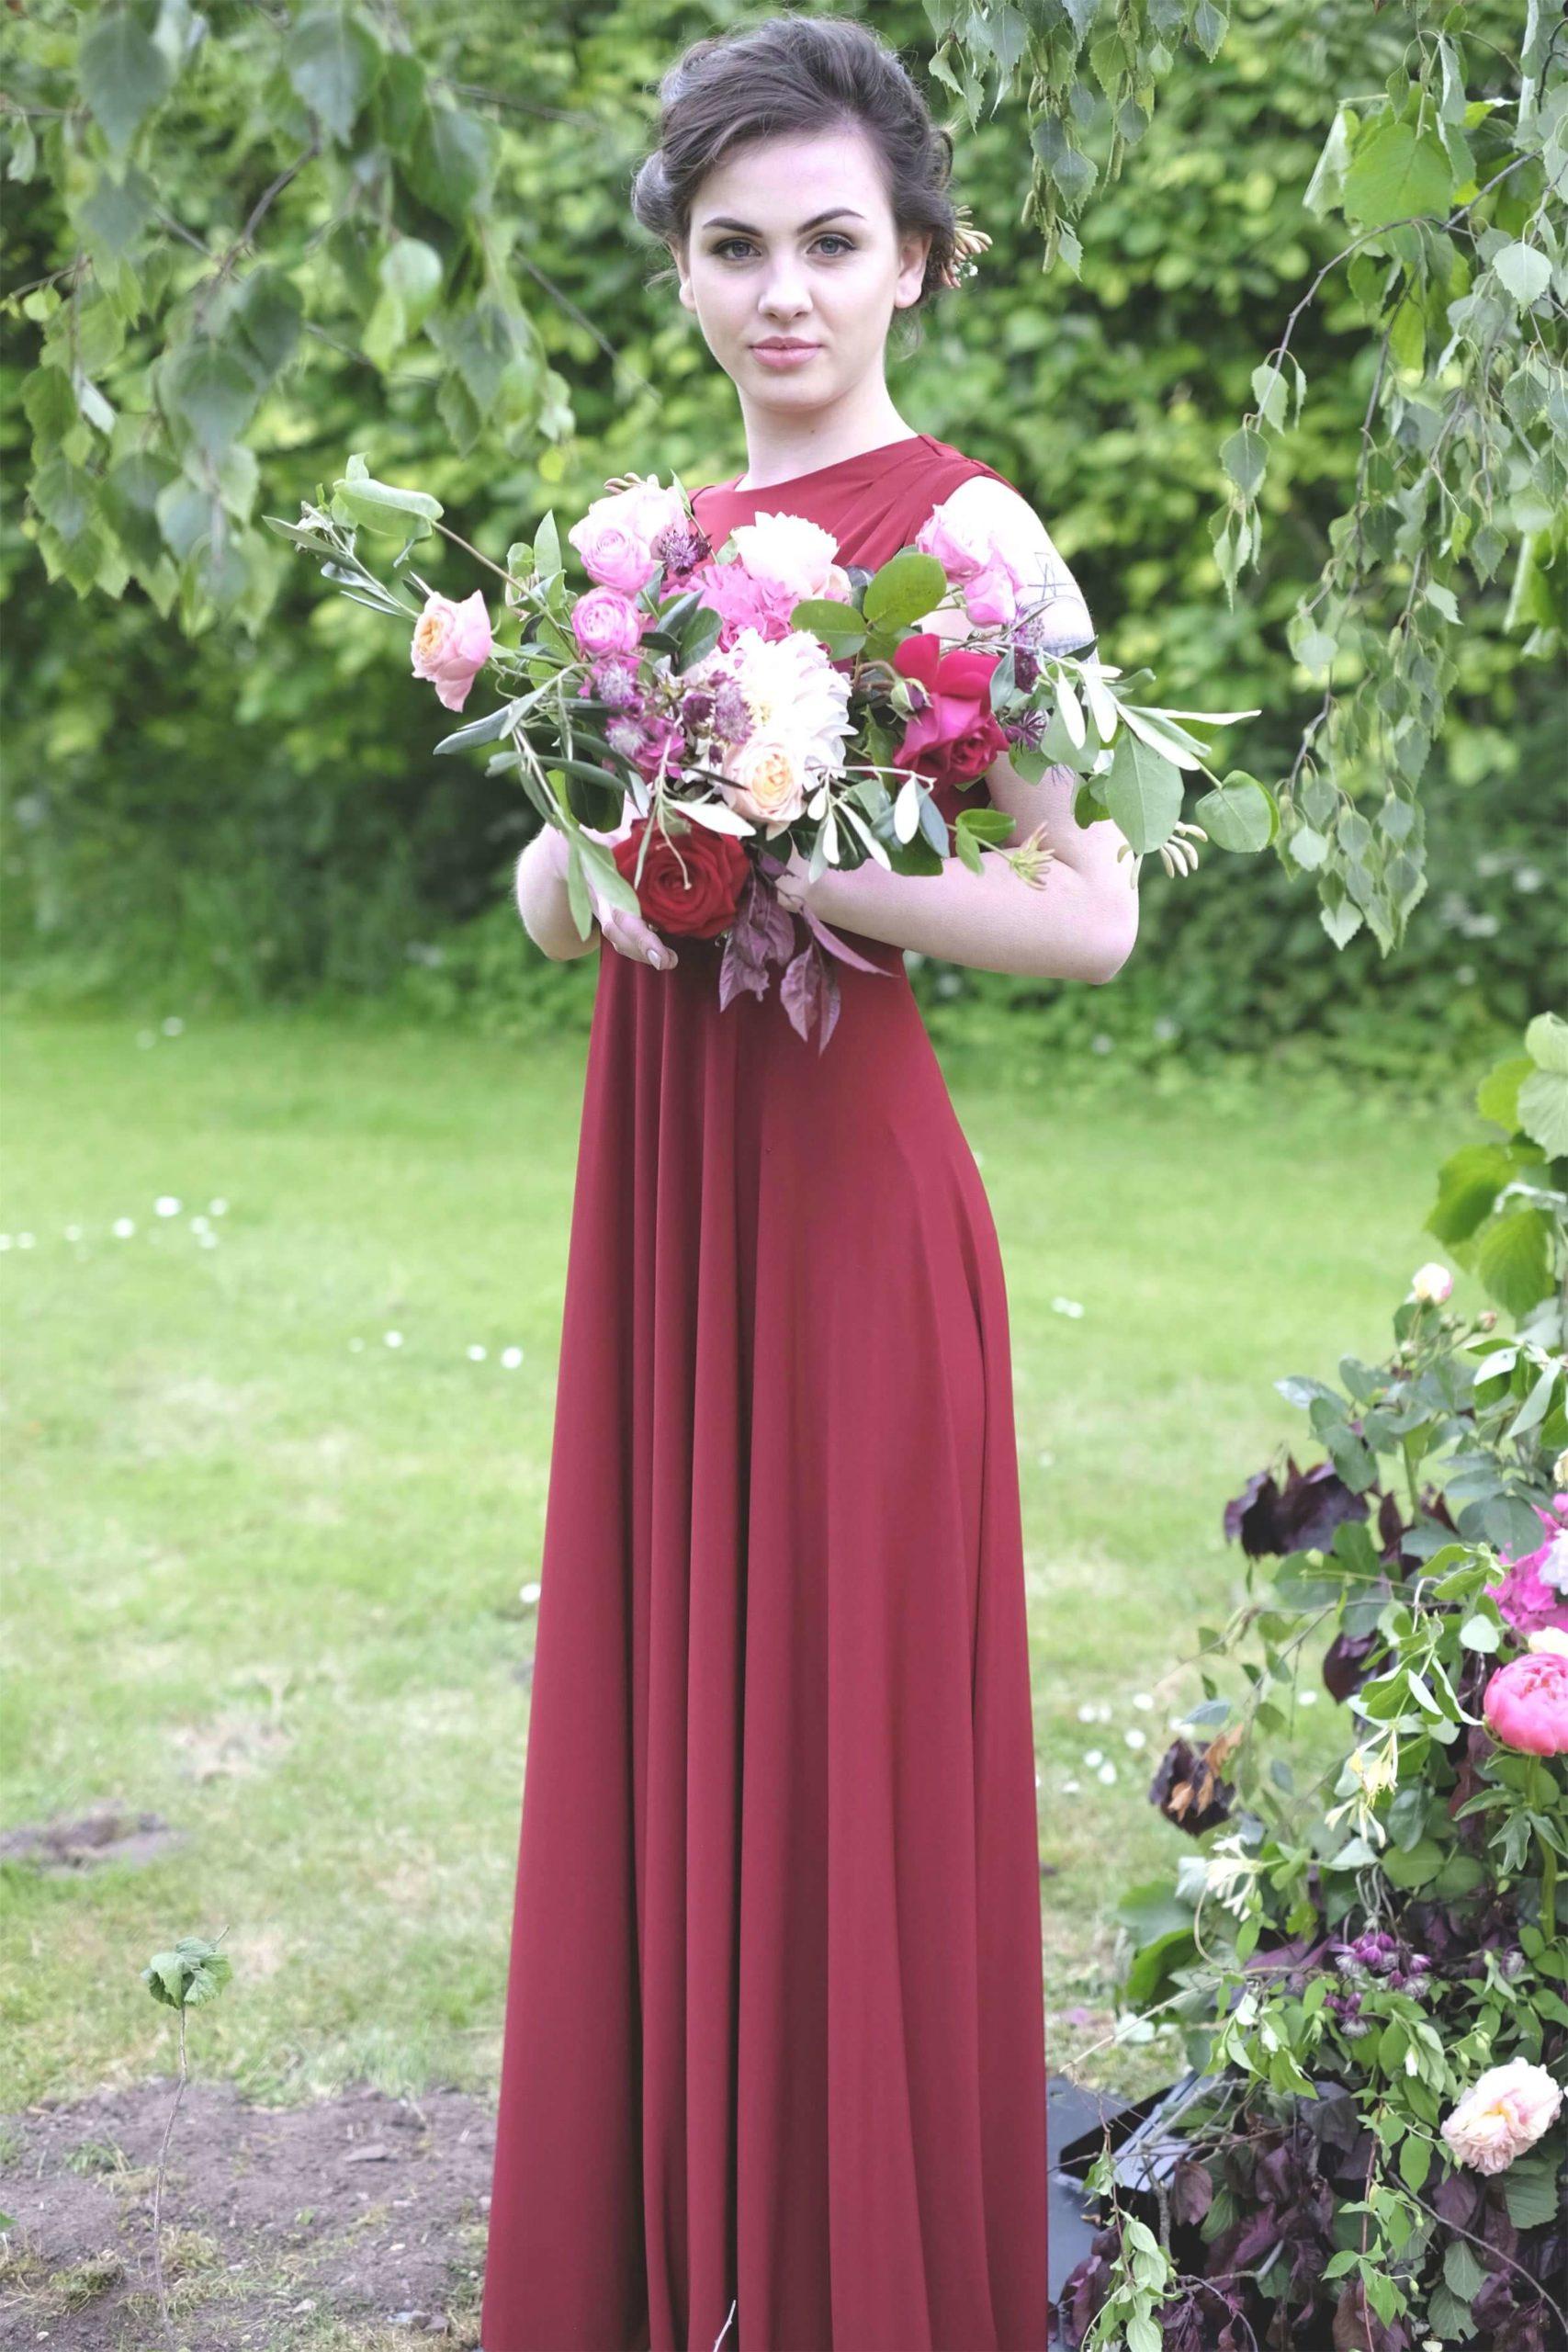 Rose, Claret & Blackberries 30